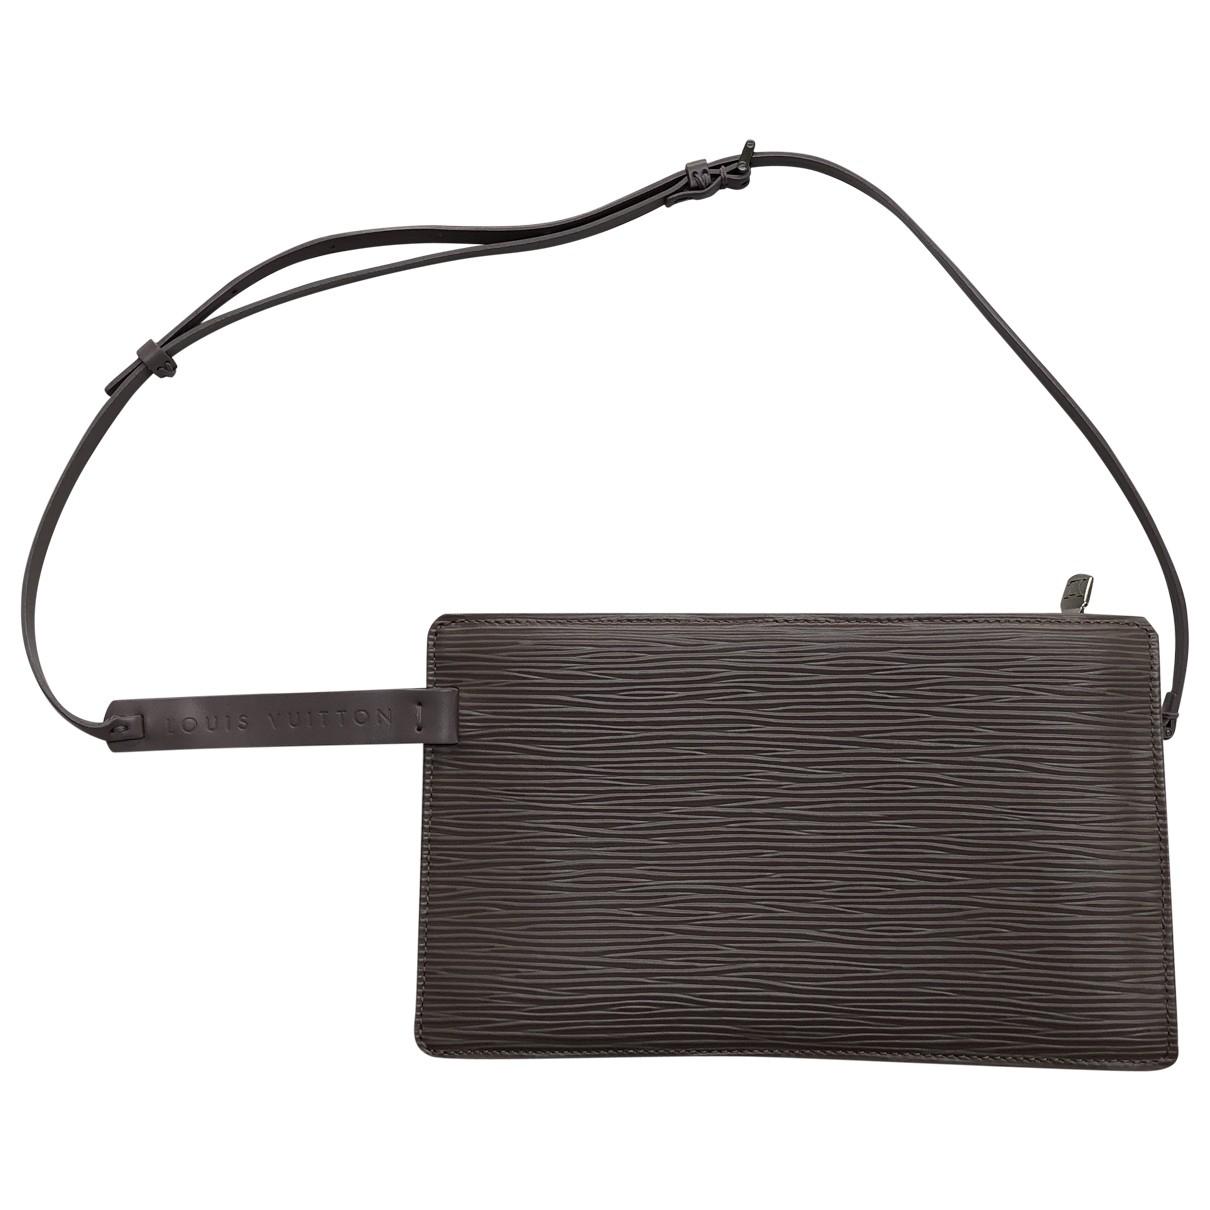 Louis Vuitton Pochette Accessoire Clutch in Leder